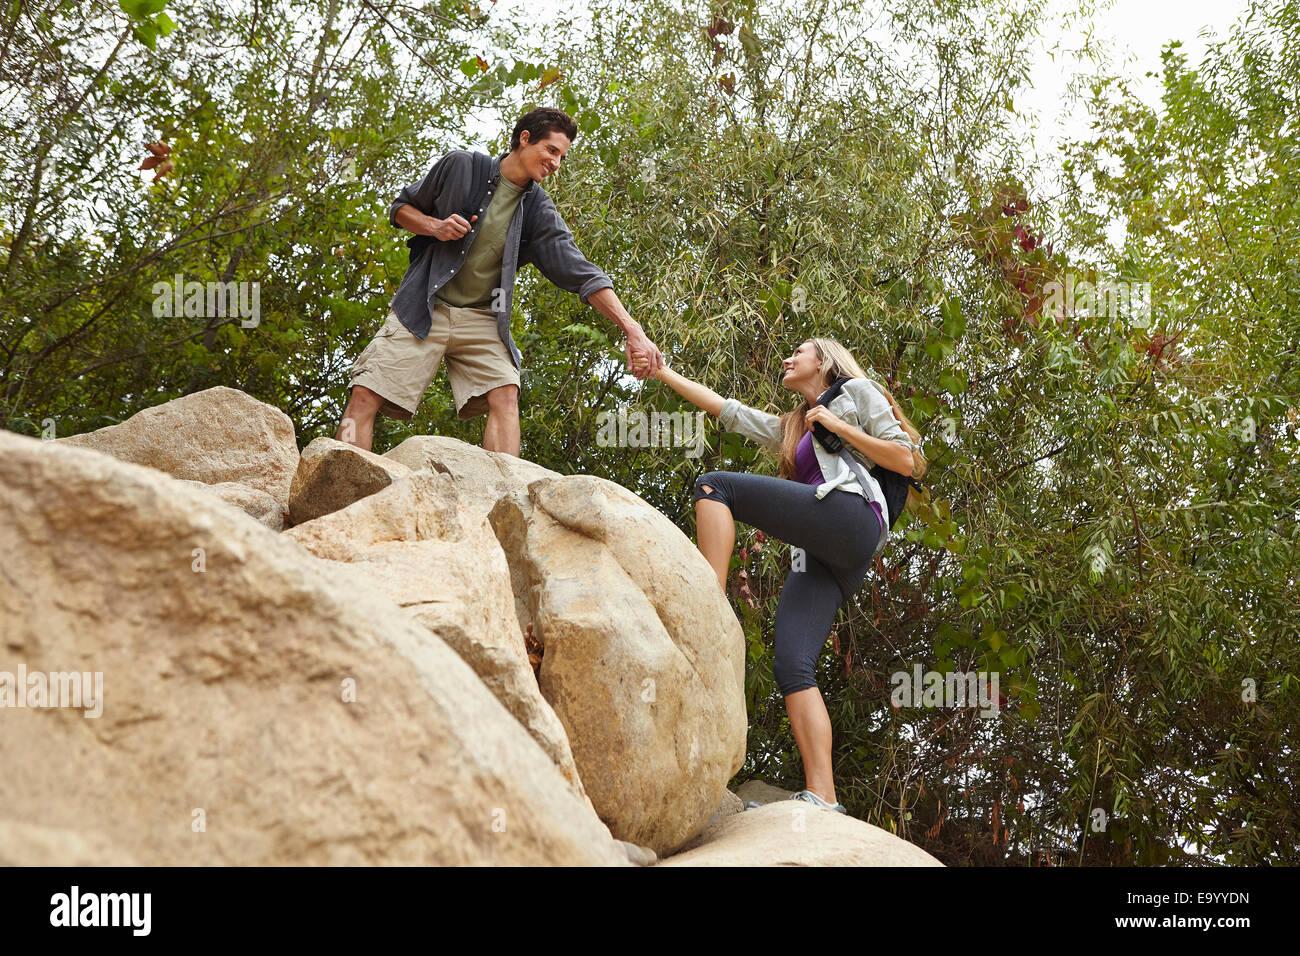 Paar-Klettern Stockbild